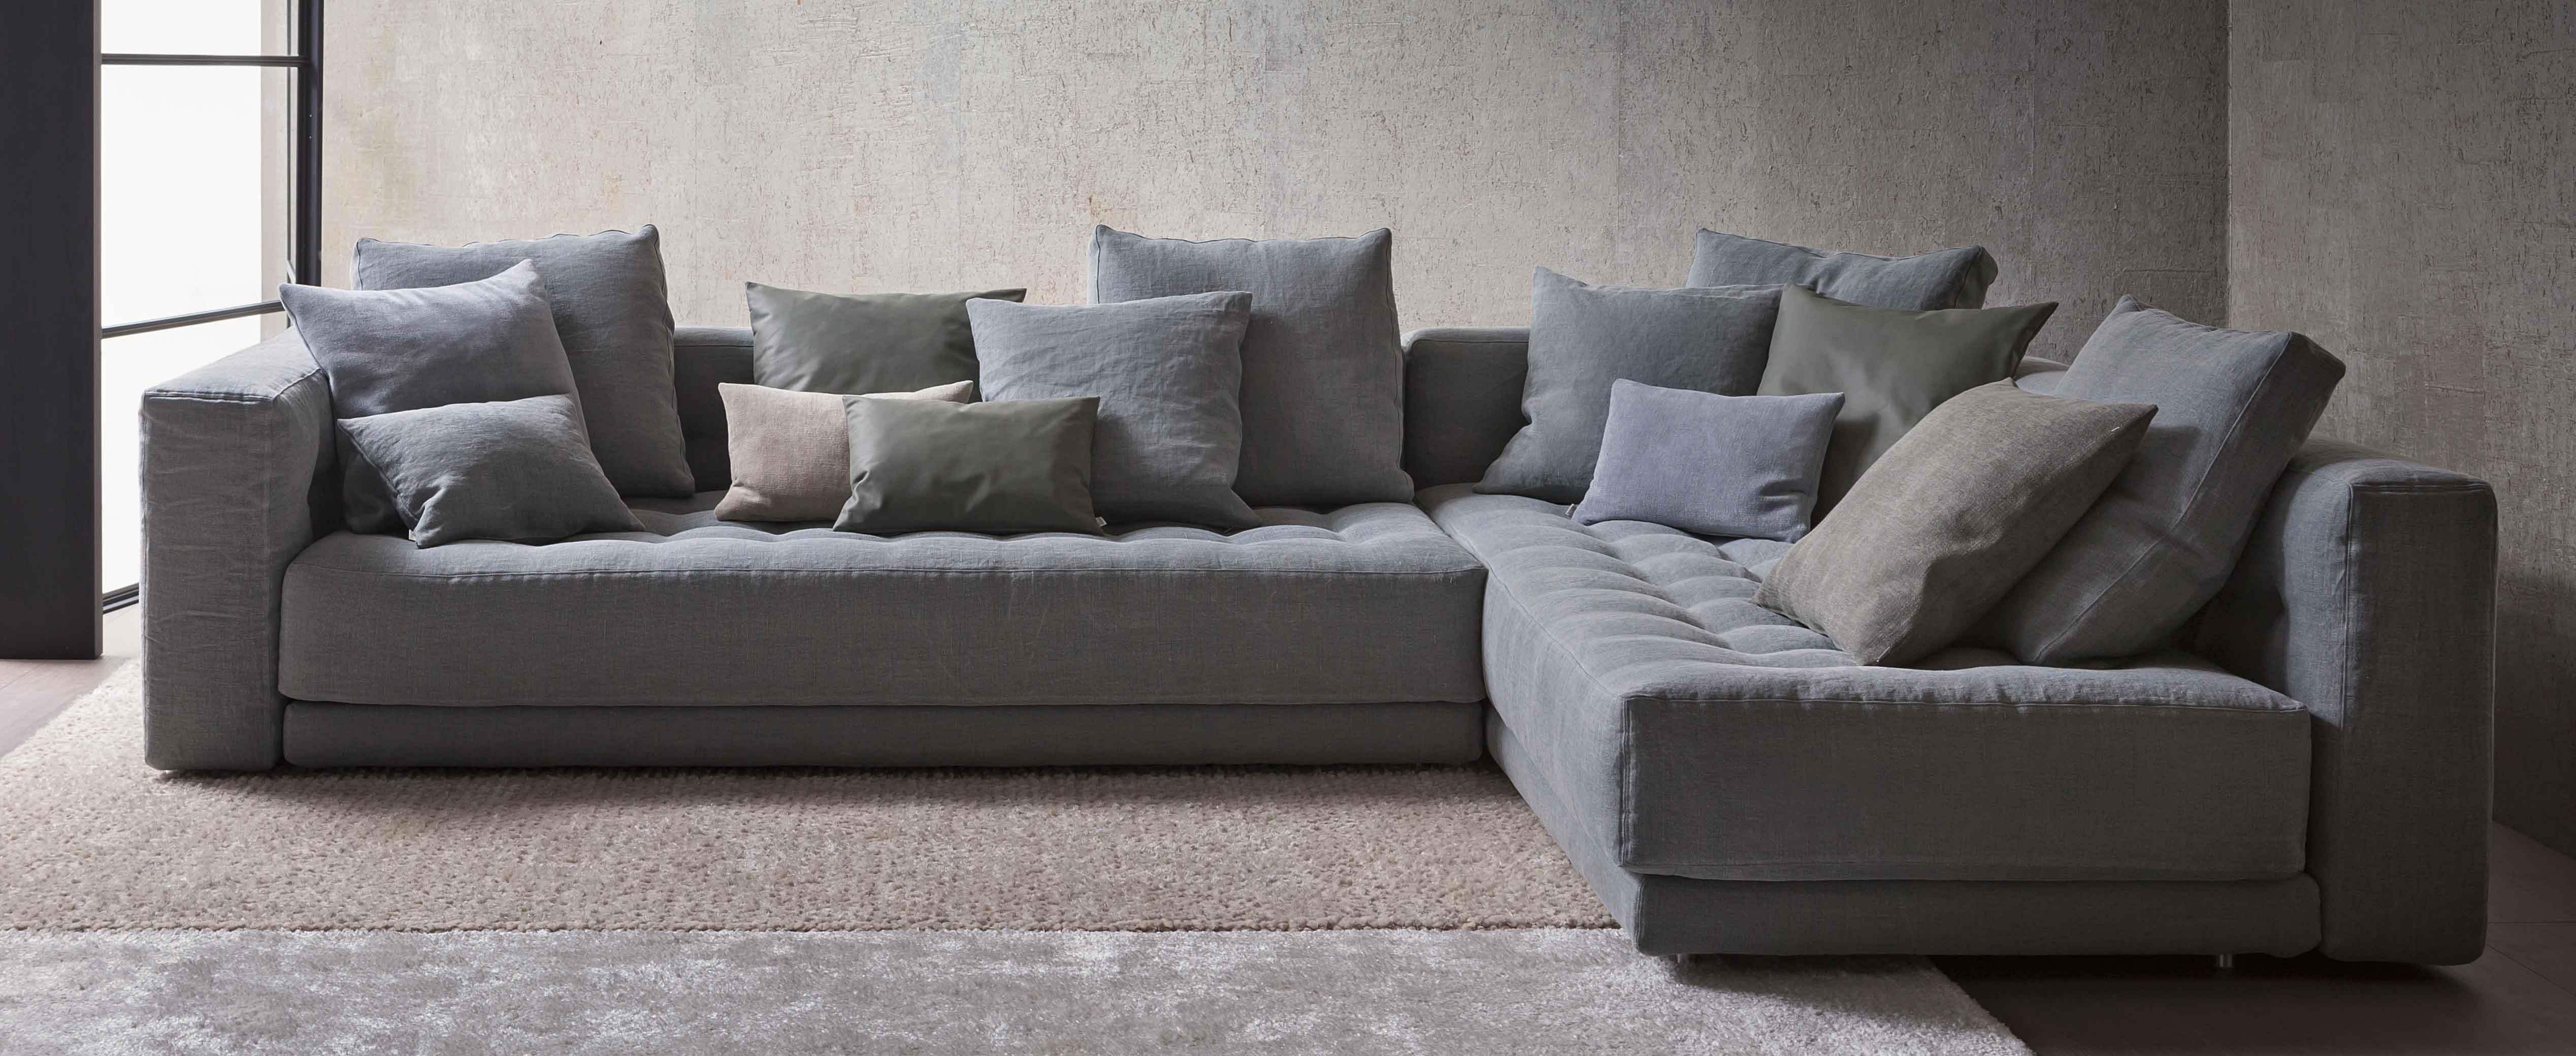 Divani angolari componibili una l per arredare il - Prodotti per pulire il divano in tessuto ...